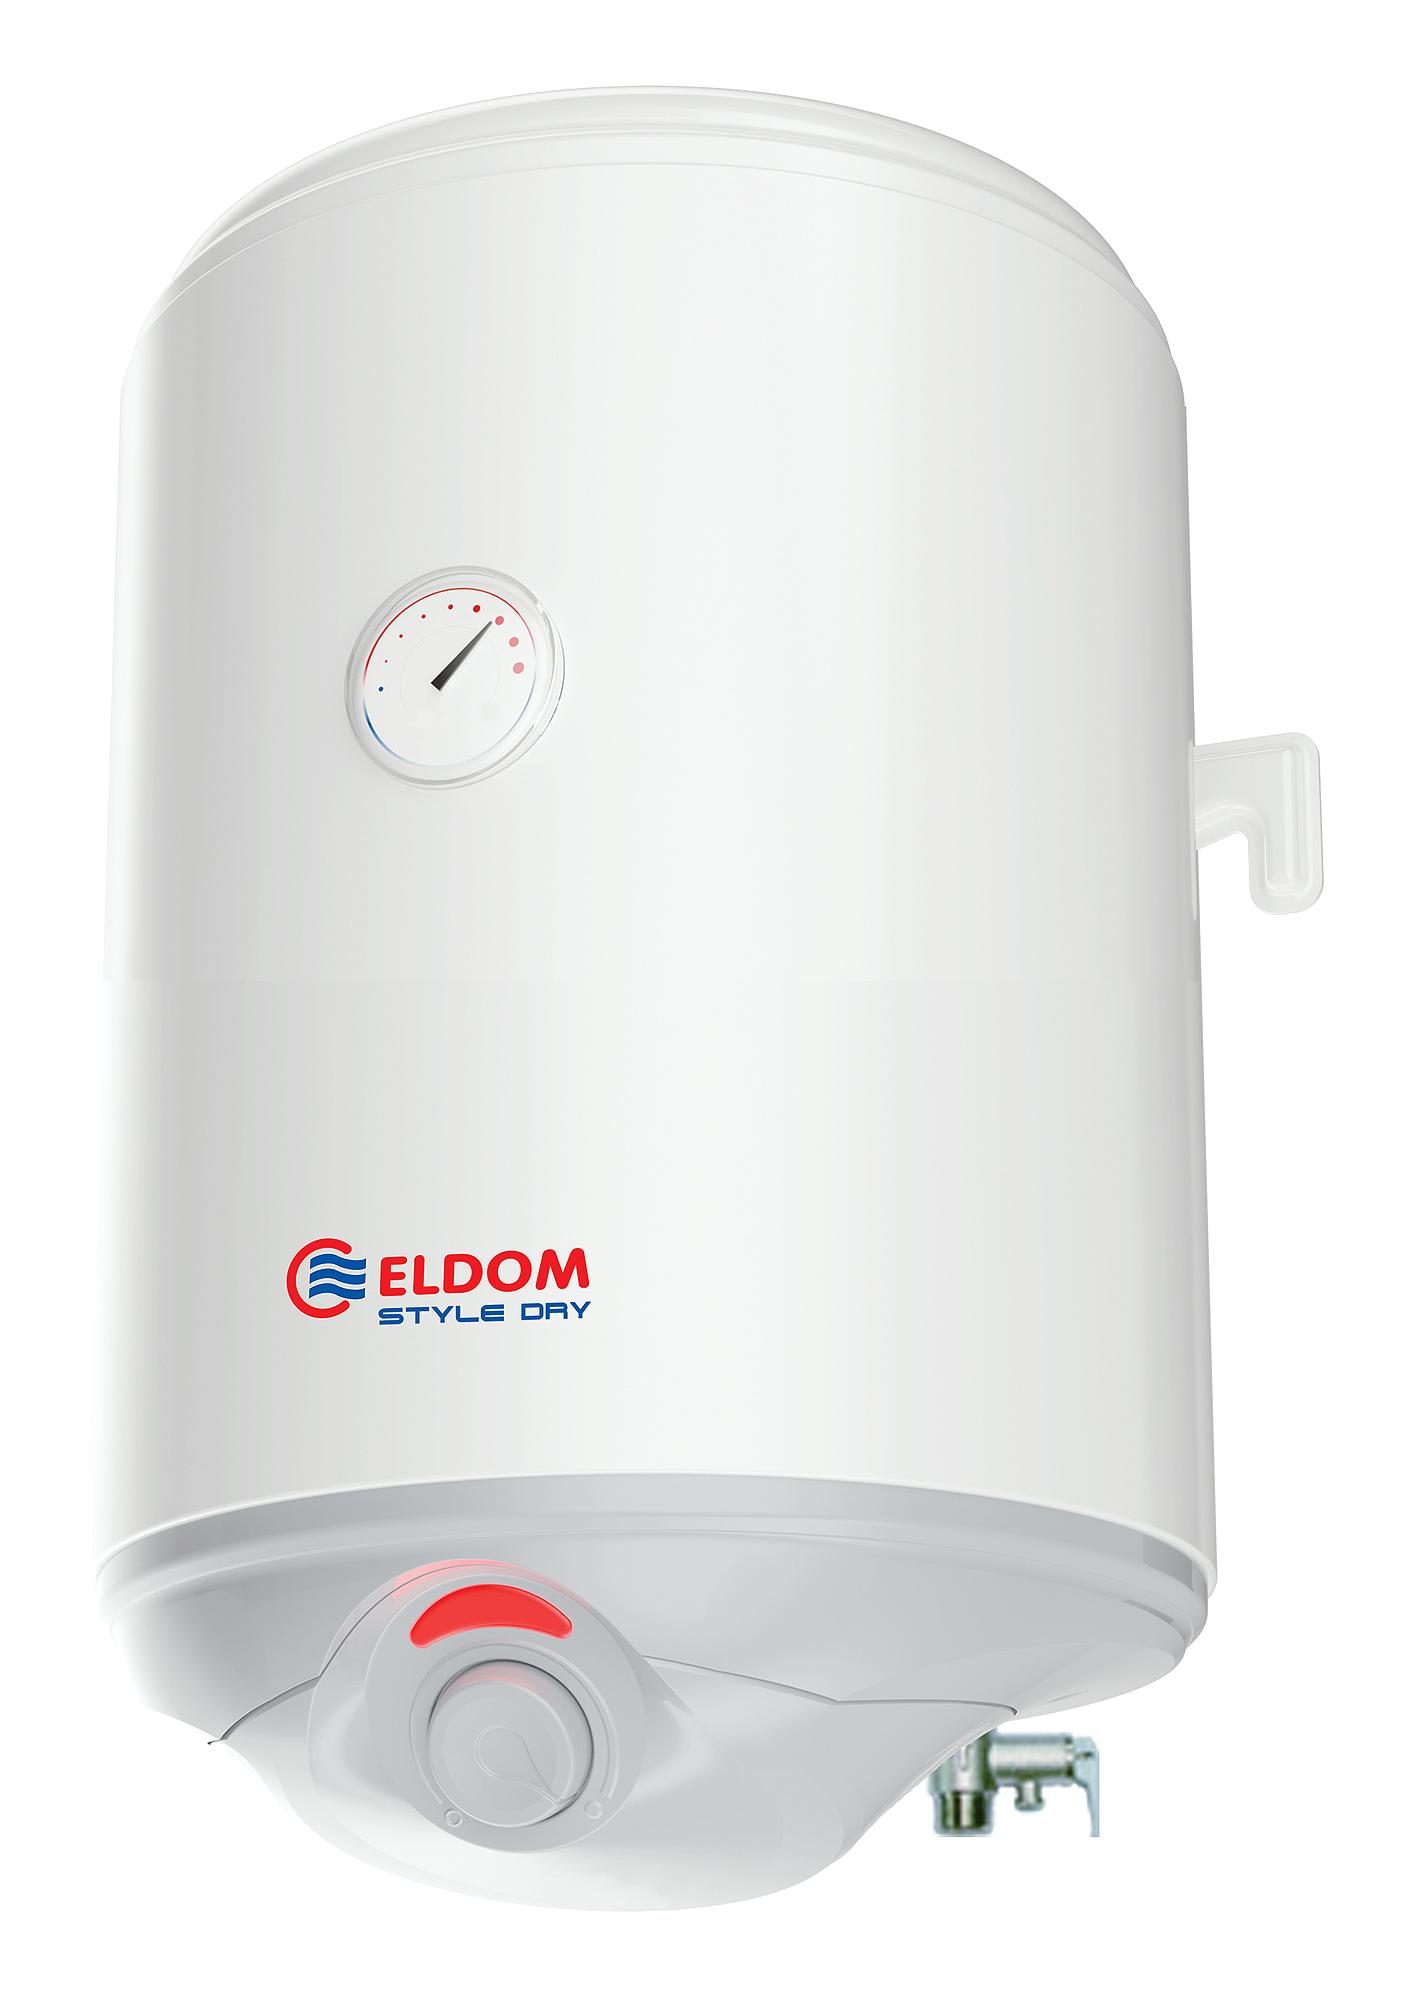 Warmwasserspeicher Eldom Style Dry 30 Liter druckfest